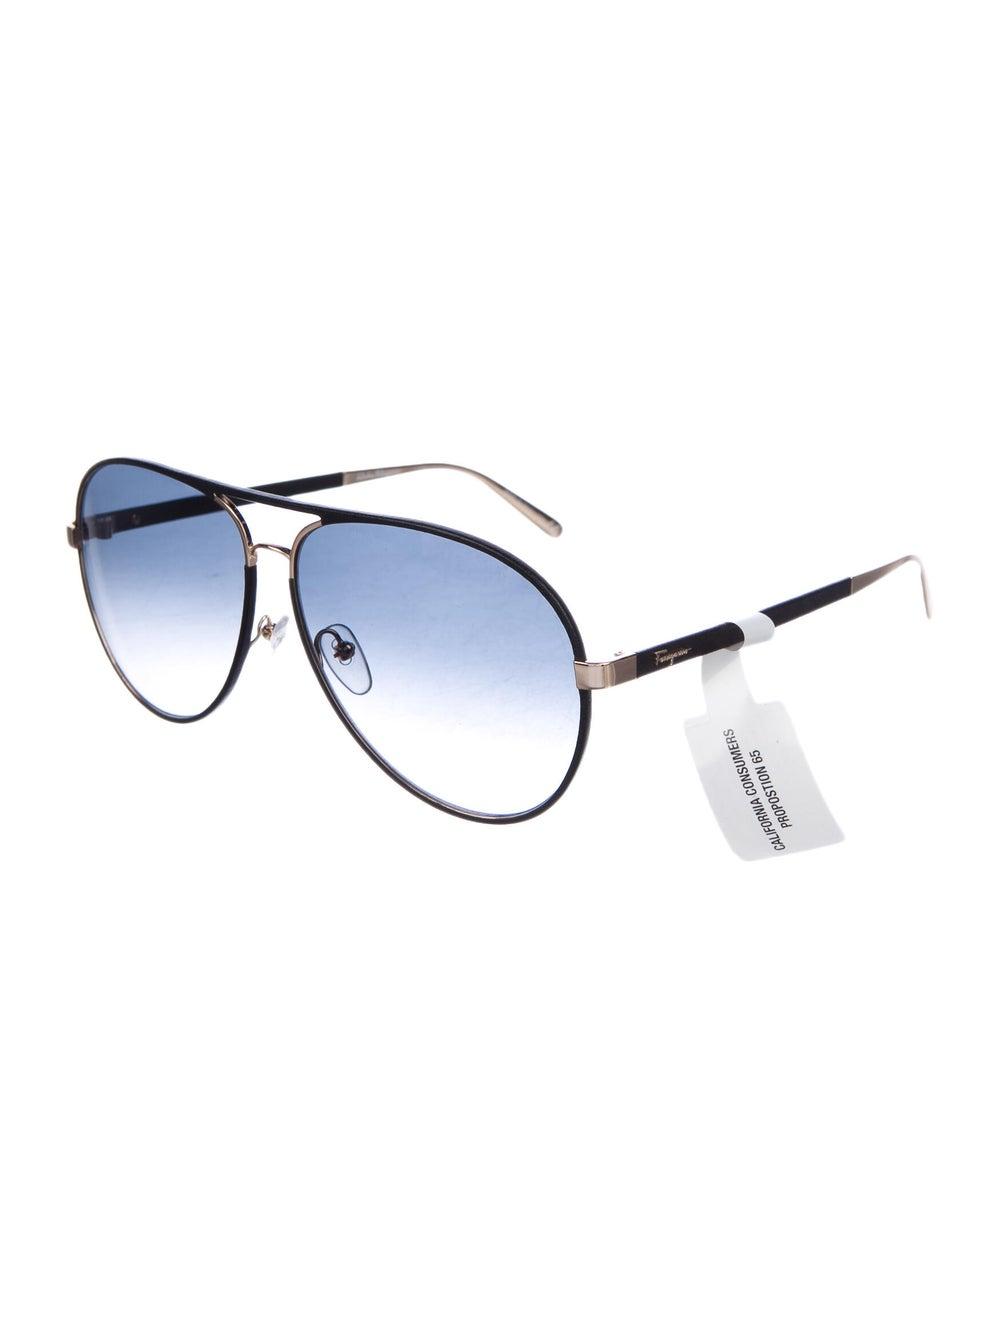 Salvatore Ferragamo Aviator Gradient Sunglasses B… - image 2